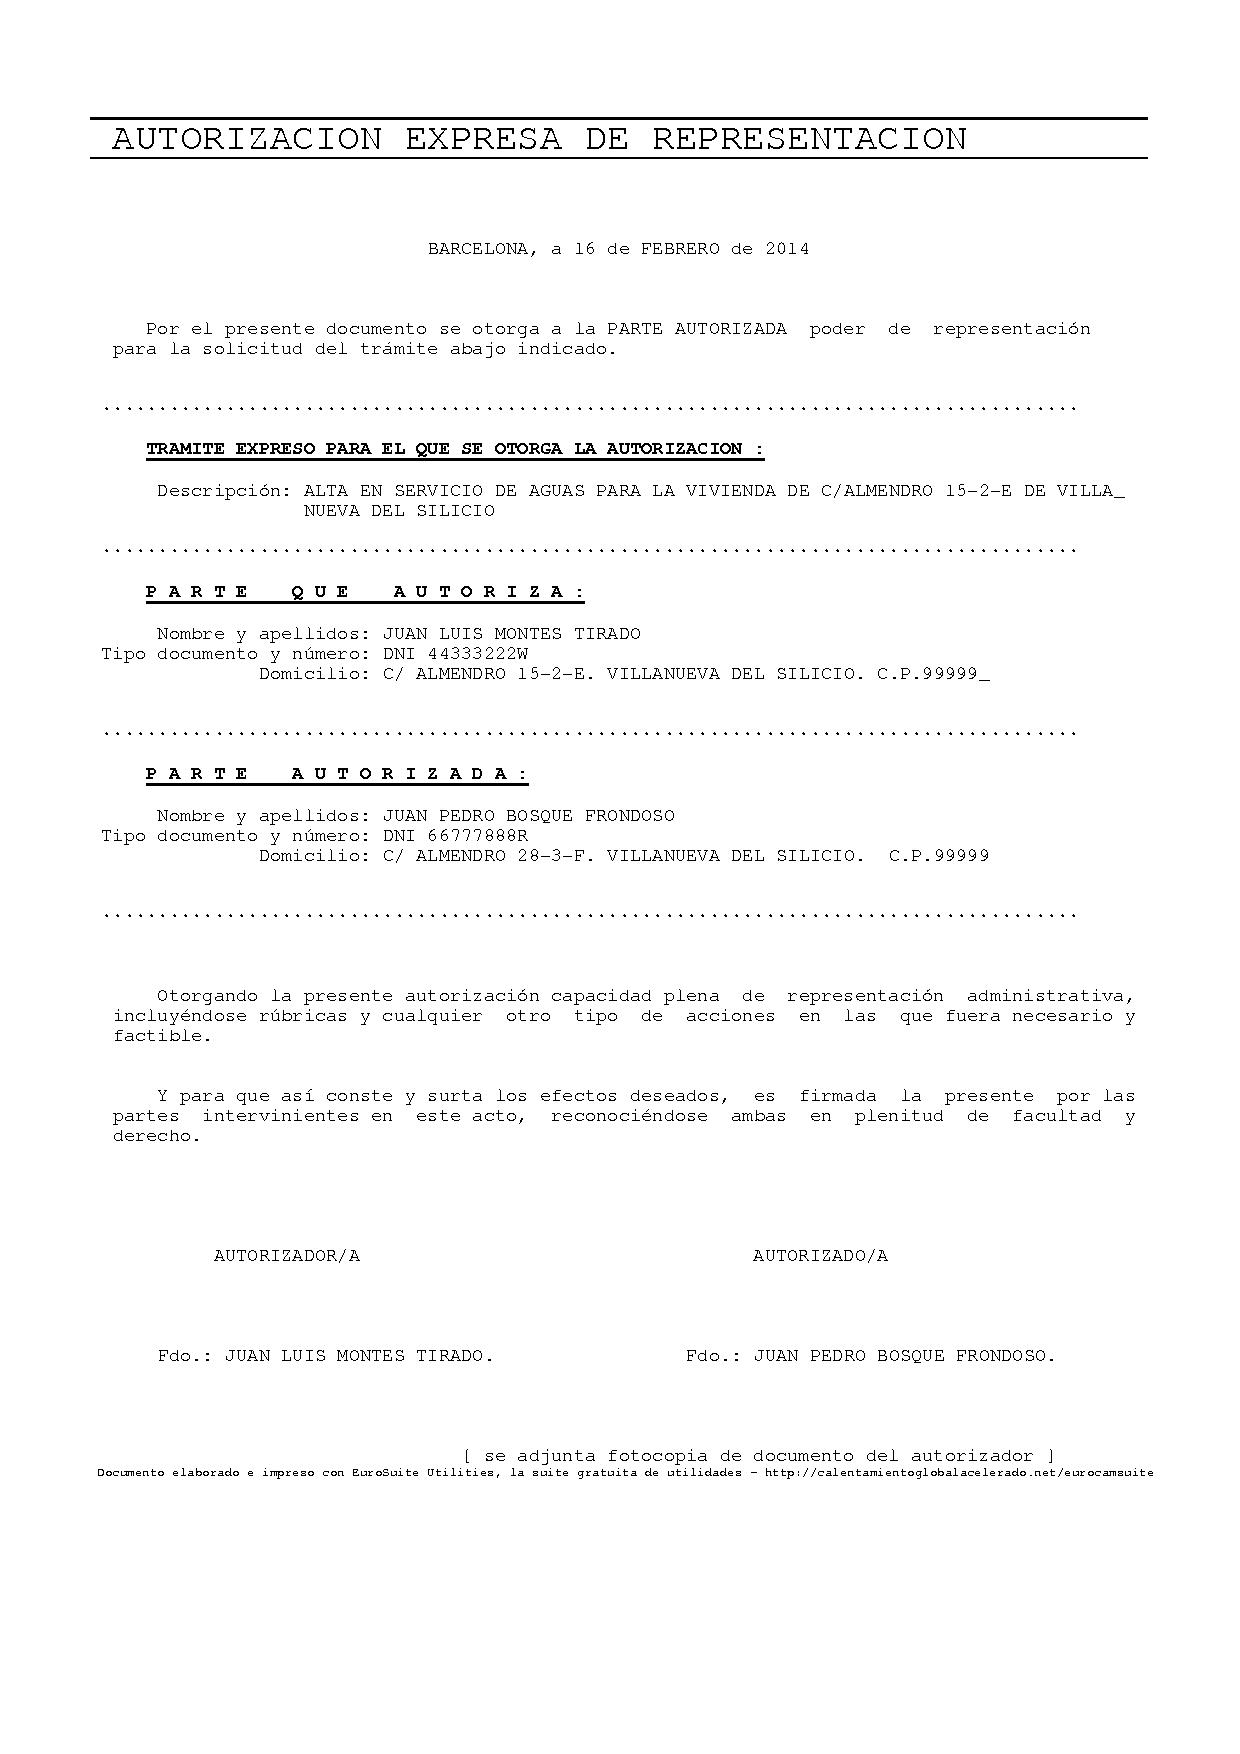 PLANTILLA PARA RELLENAR CONTRATO COMPRAVENTA - Web oficial de ...